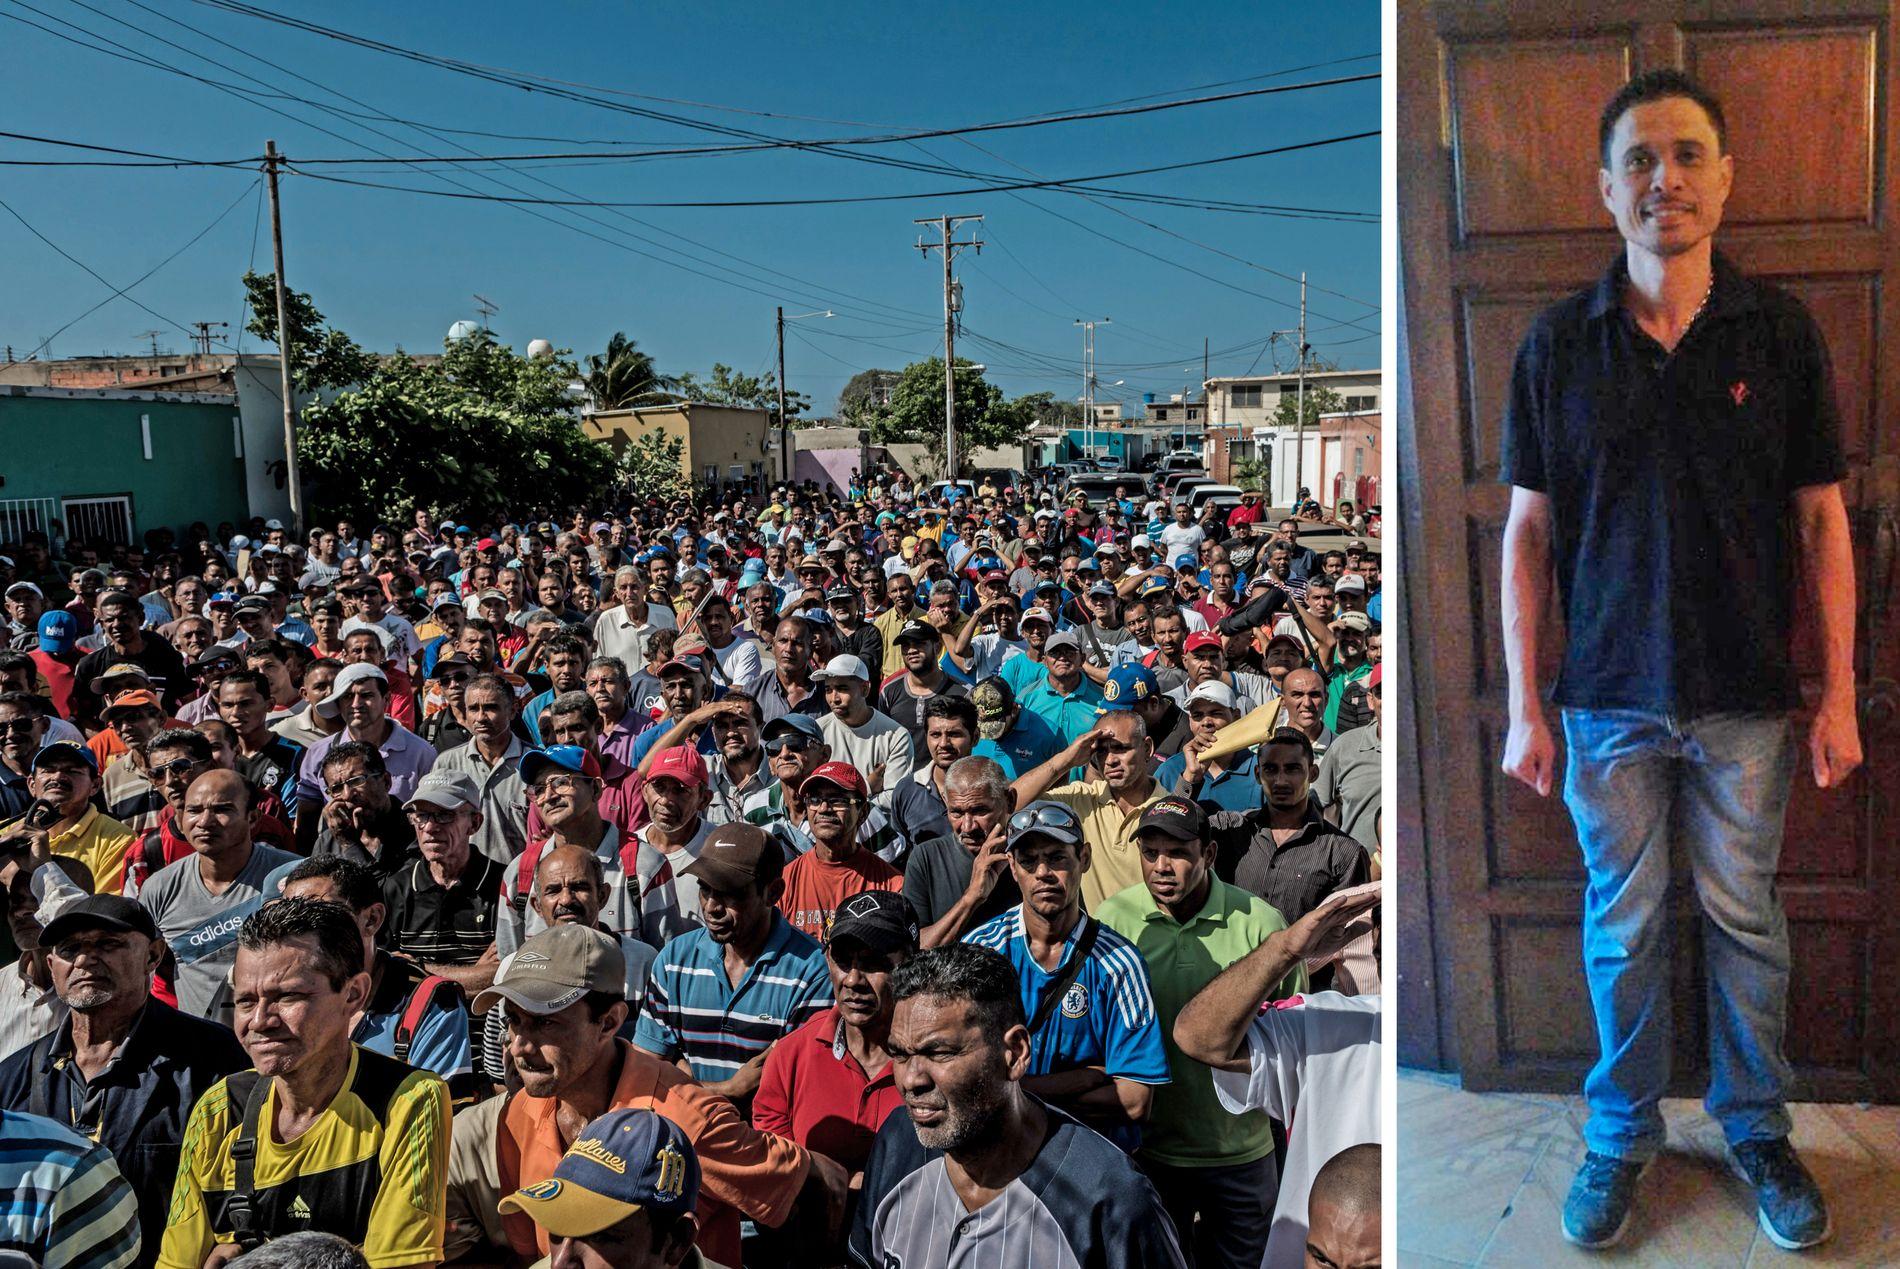 MASSEFLUKT: Til venstre: Venezuela opplever en masseflukt fra det nasjonale oljeselskapet PDVSA. Bildet fra desember i fjor viser hundrevis av arbeidere ved Ahuay-raffineriet som prøver å få dagsjobb på den karibiske øyen St. Martin – hvor én times arbeid er mer enn hva de tjener i Venezuela på én måned. Til høyre: Endy Torres jobber som operatør. De 3 dollarene han tjener i måneden er ikke nok til å kjøpe mat, og han raser ned i vekt.